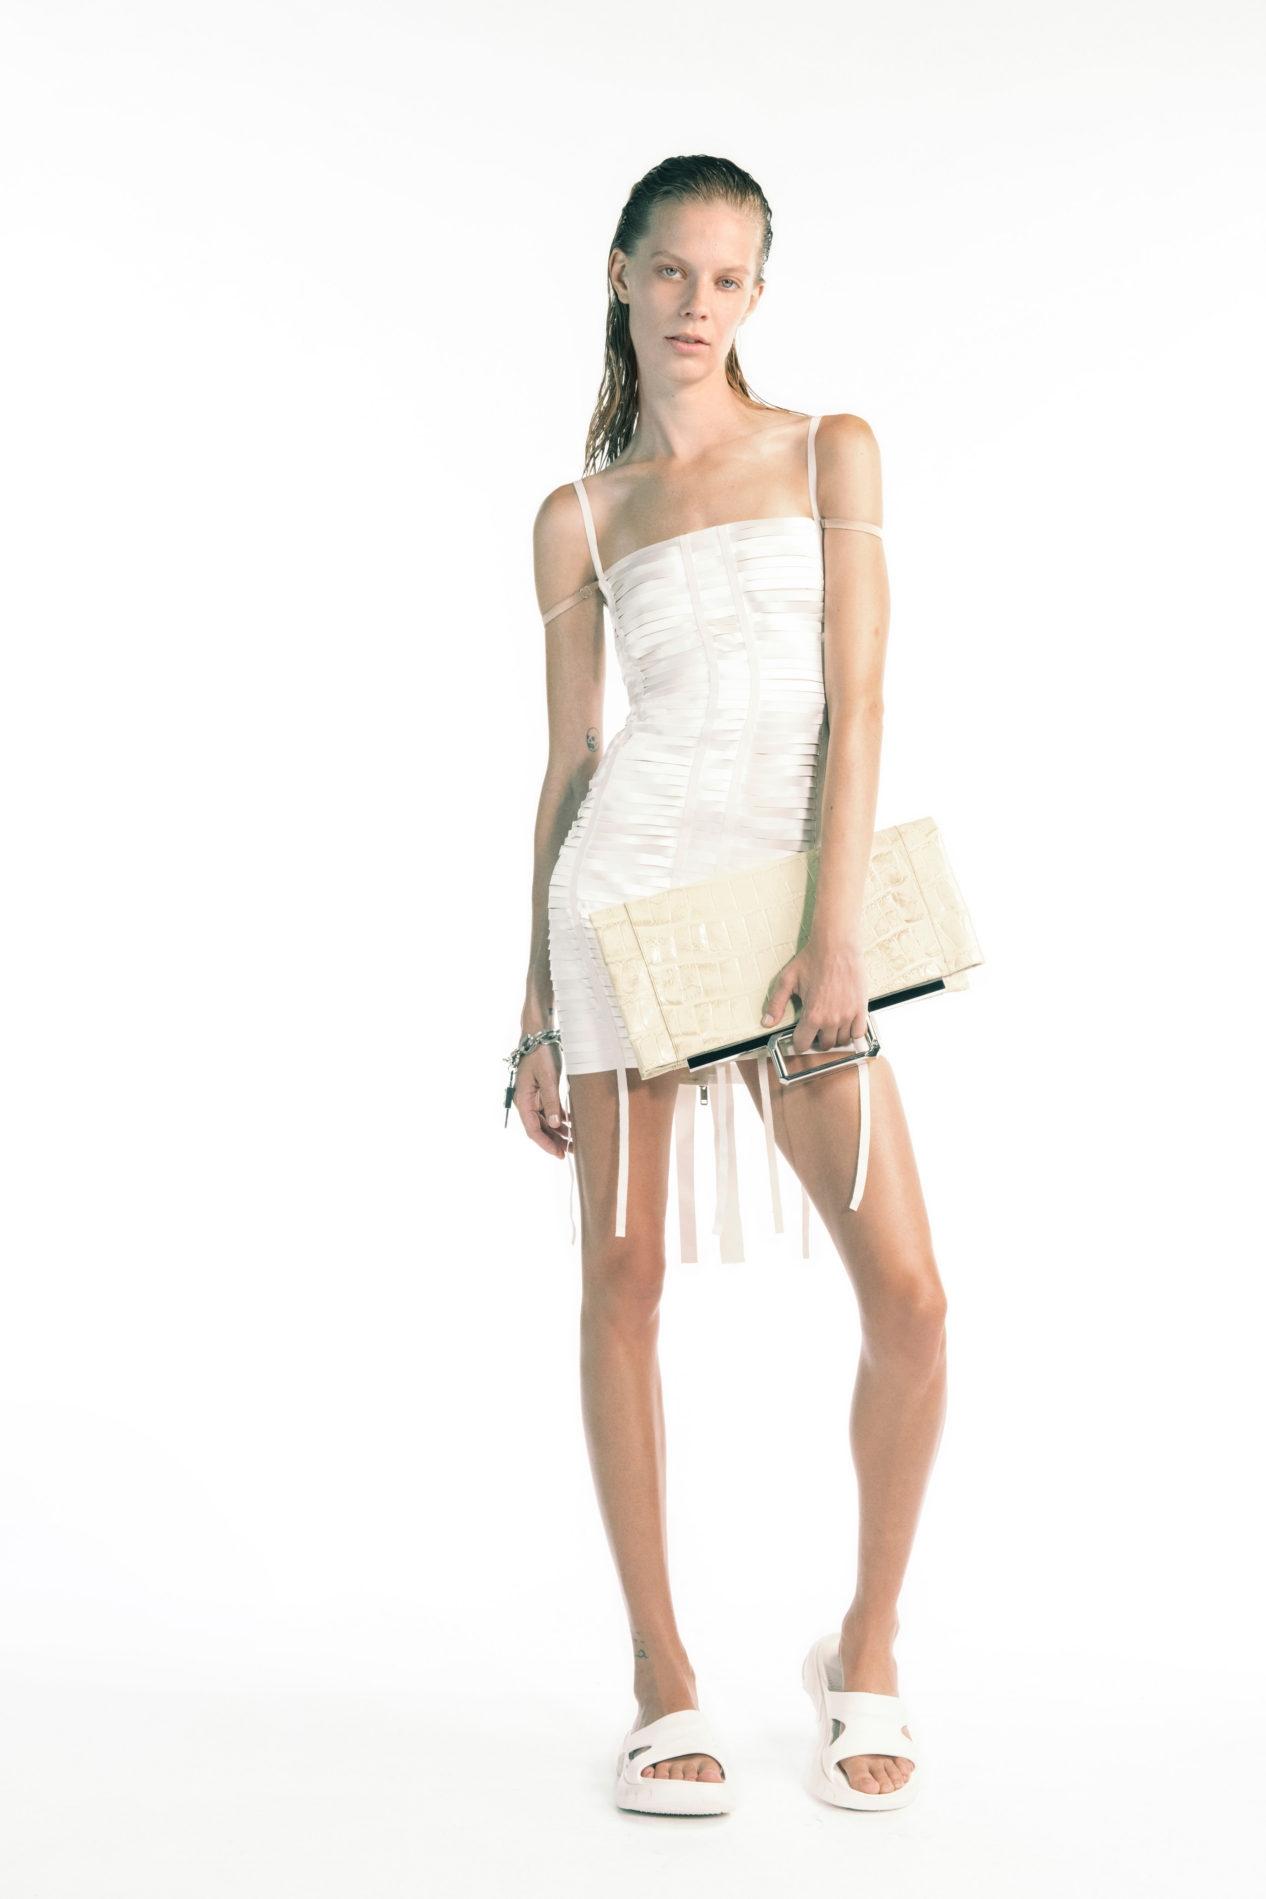 Дебют Мэтью Уильямса и пример безупречного стиля. Почему все обсуждают новую коллекцию Givenchy (ФОТО) - фото №5